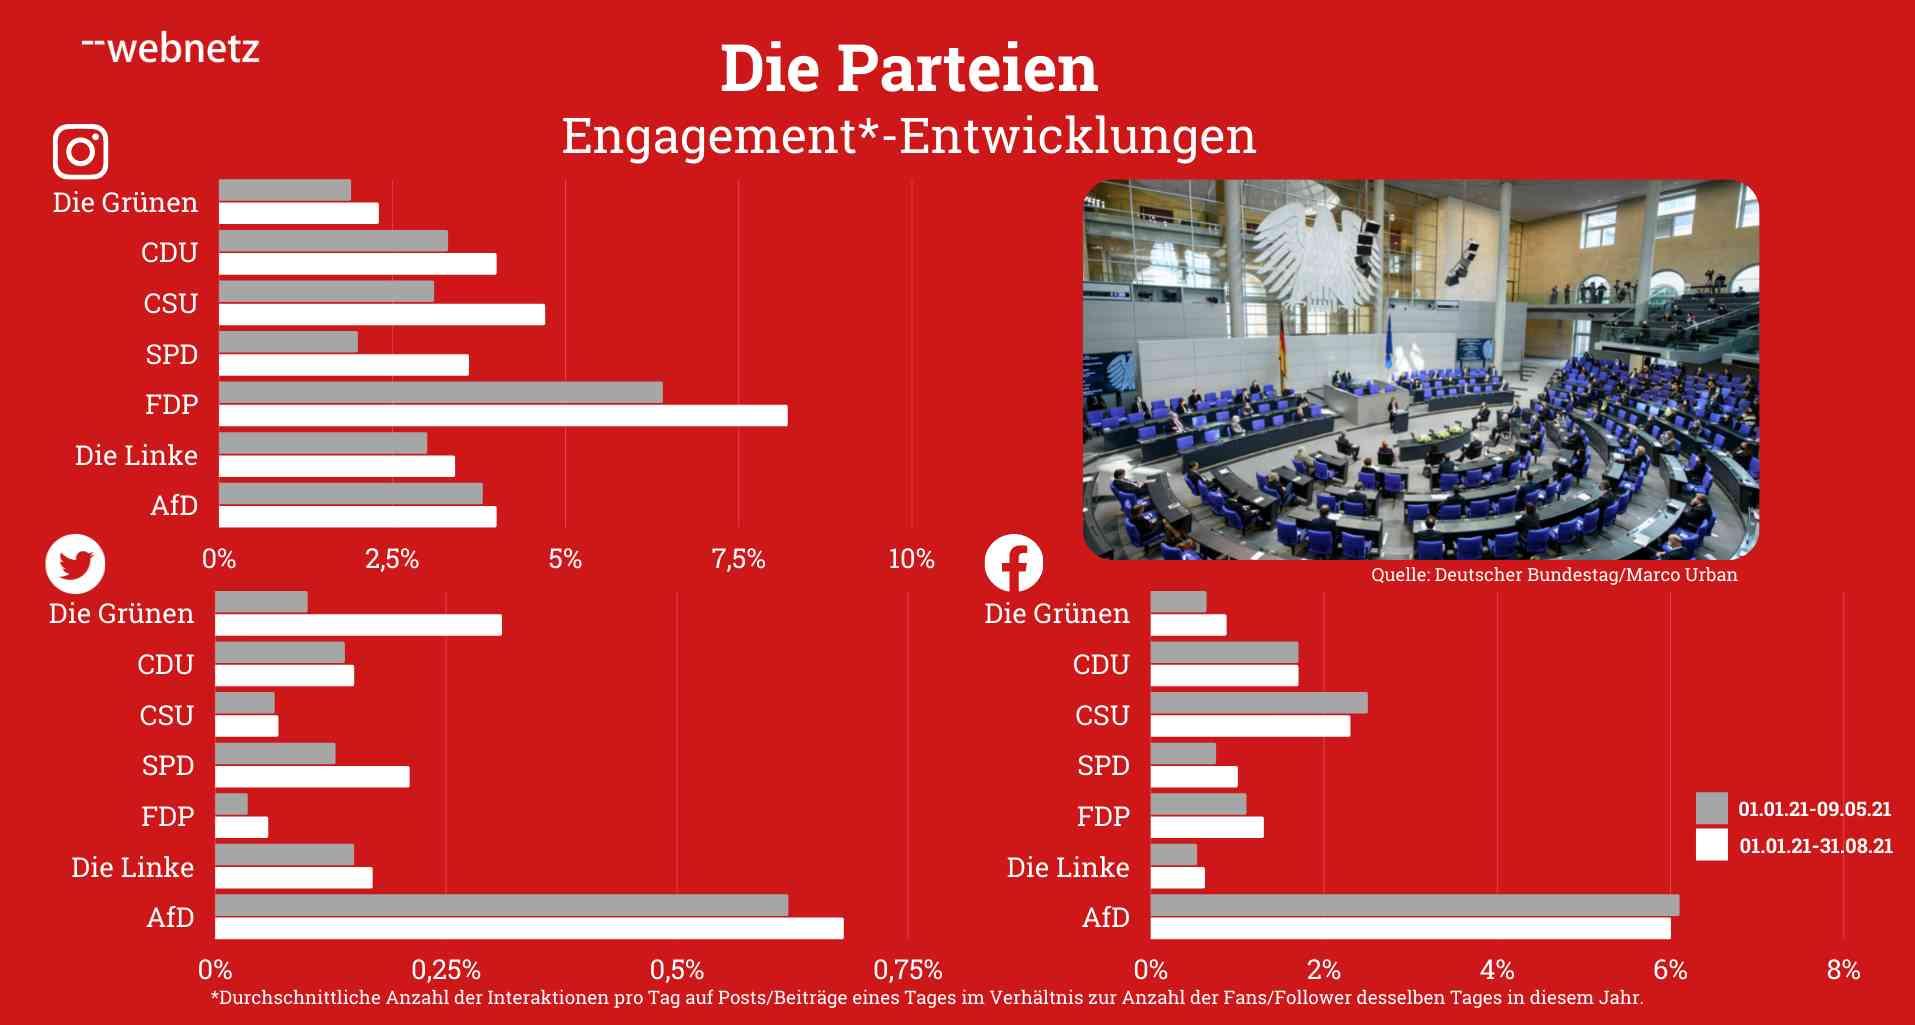 Engagement-Entwicklungen von den Parteien